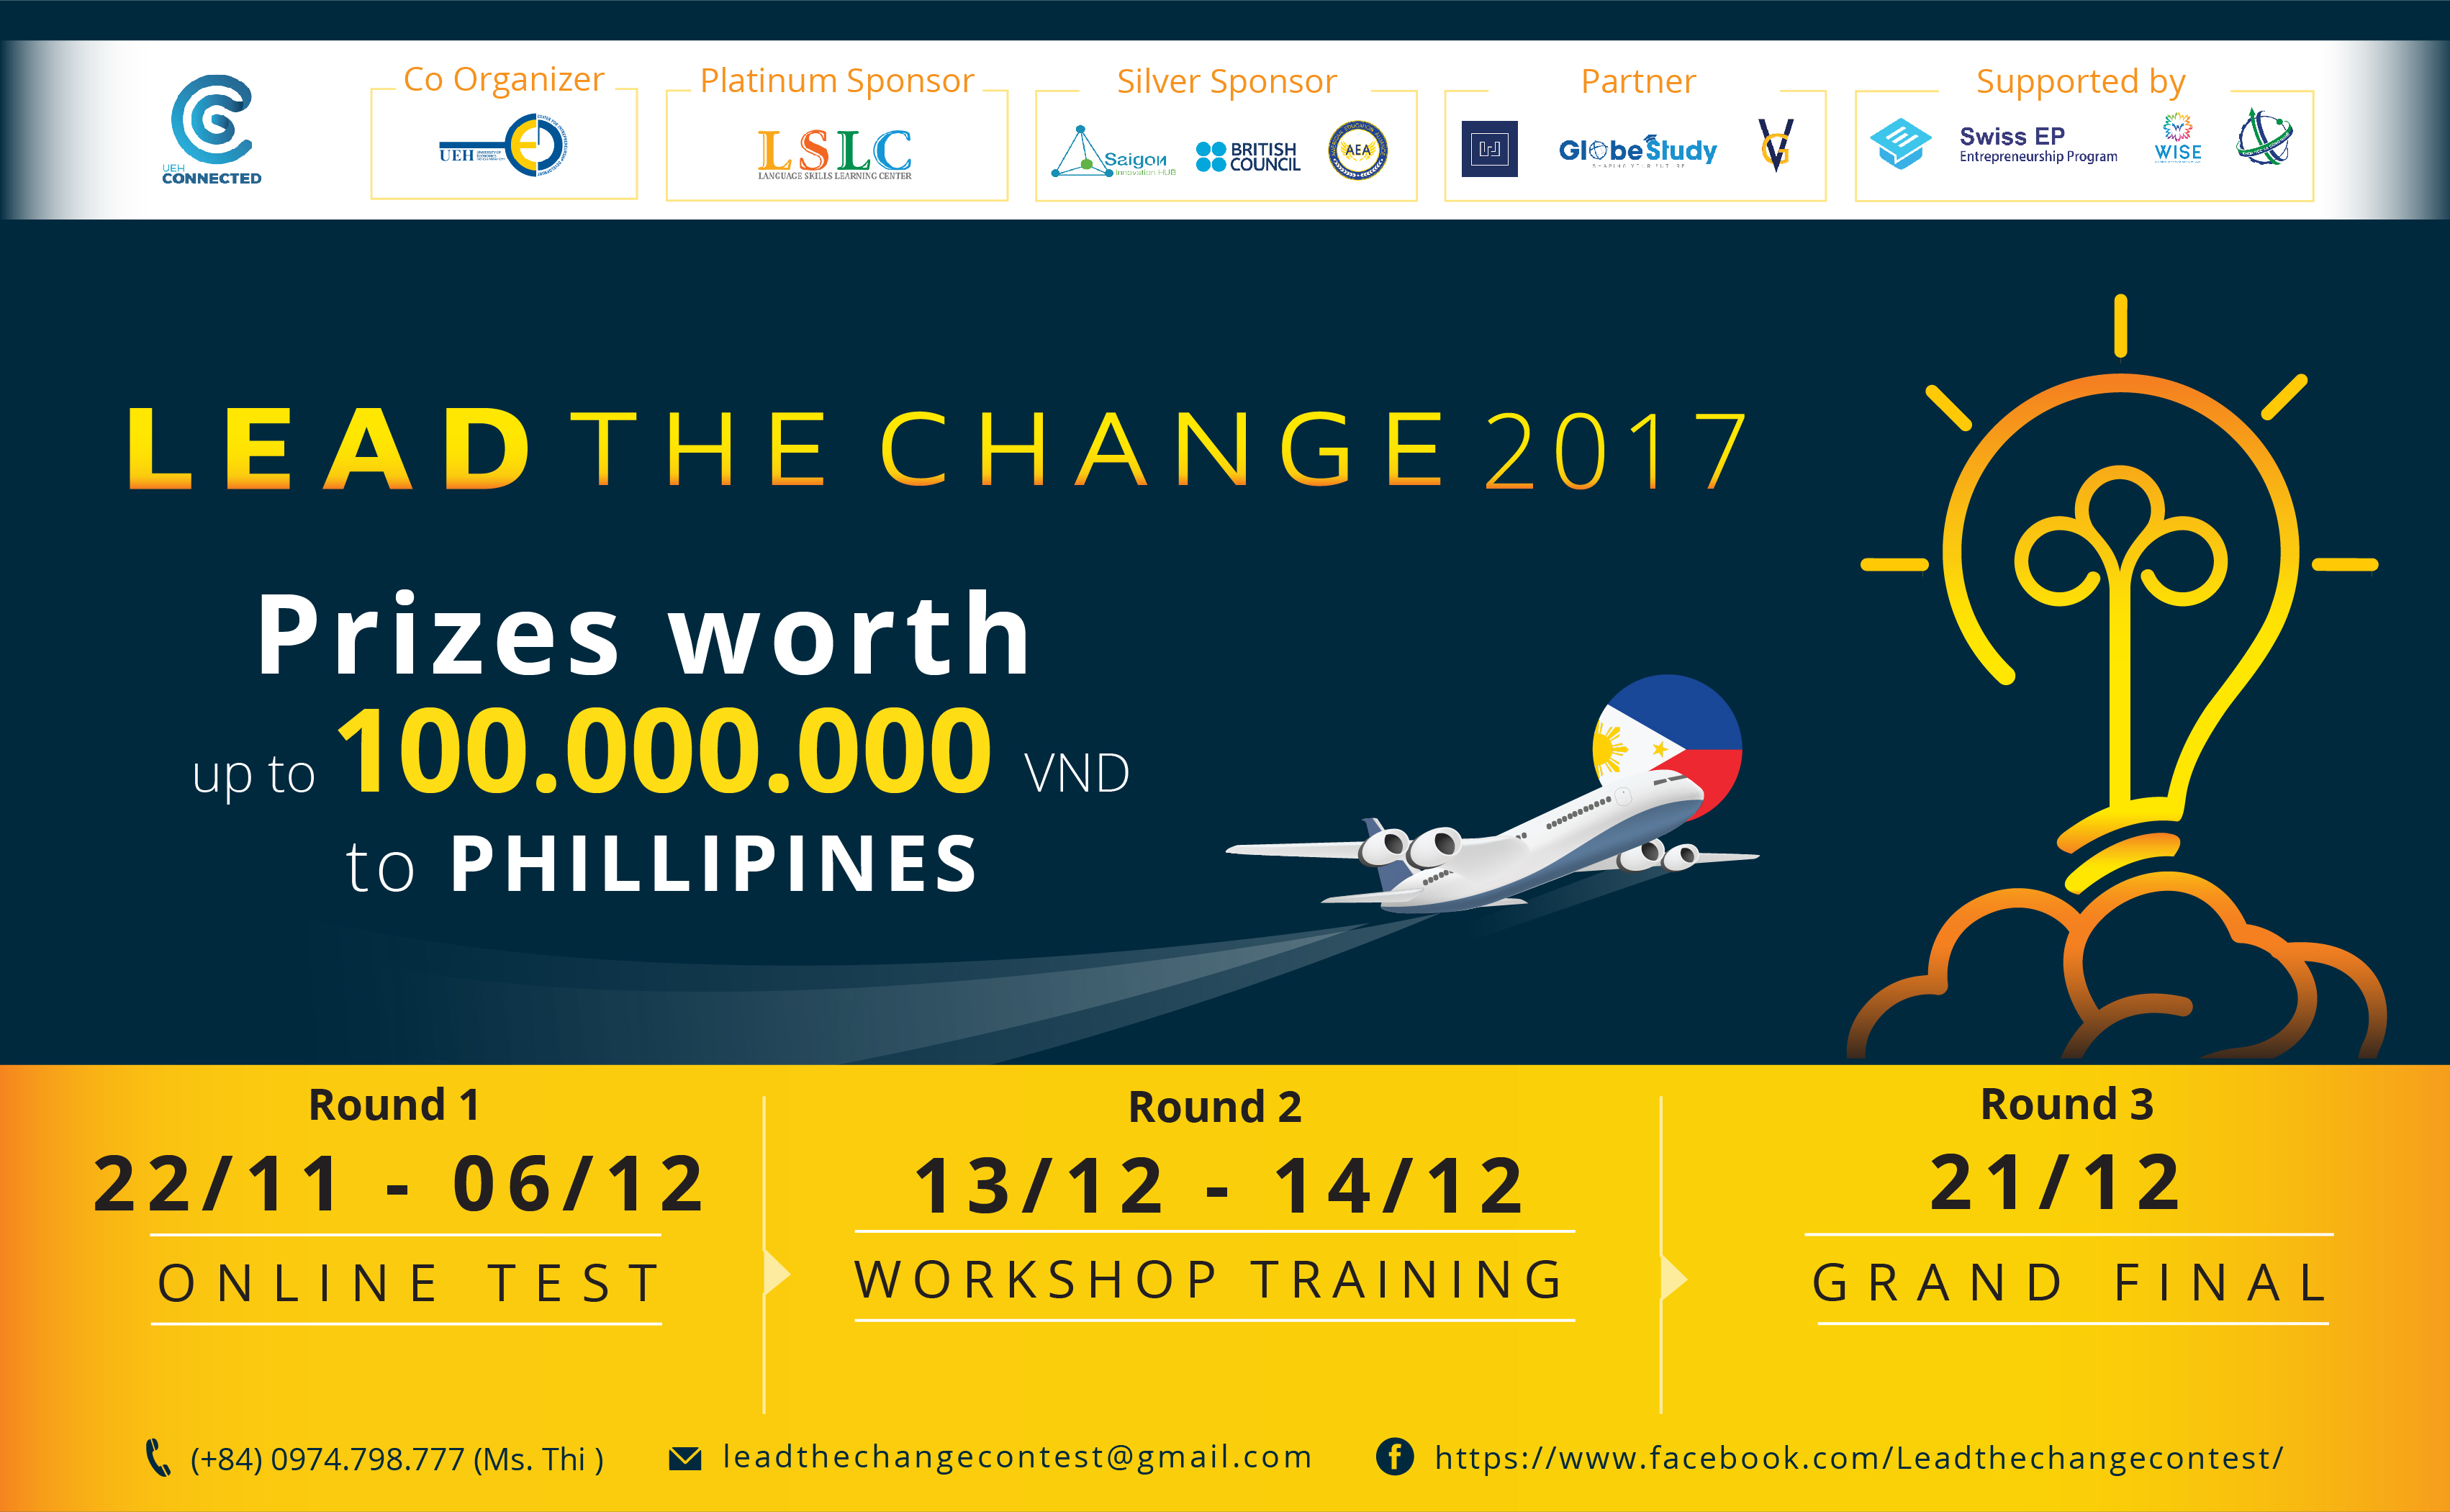 [HCM] Cơ Hội Nhận Giải Thưởng Lên Tới 100.000.000 VNĐ Cùng Cuộc Thi Lead The Change 2017